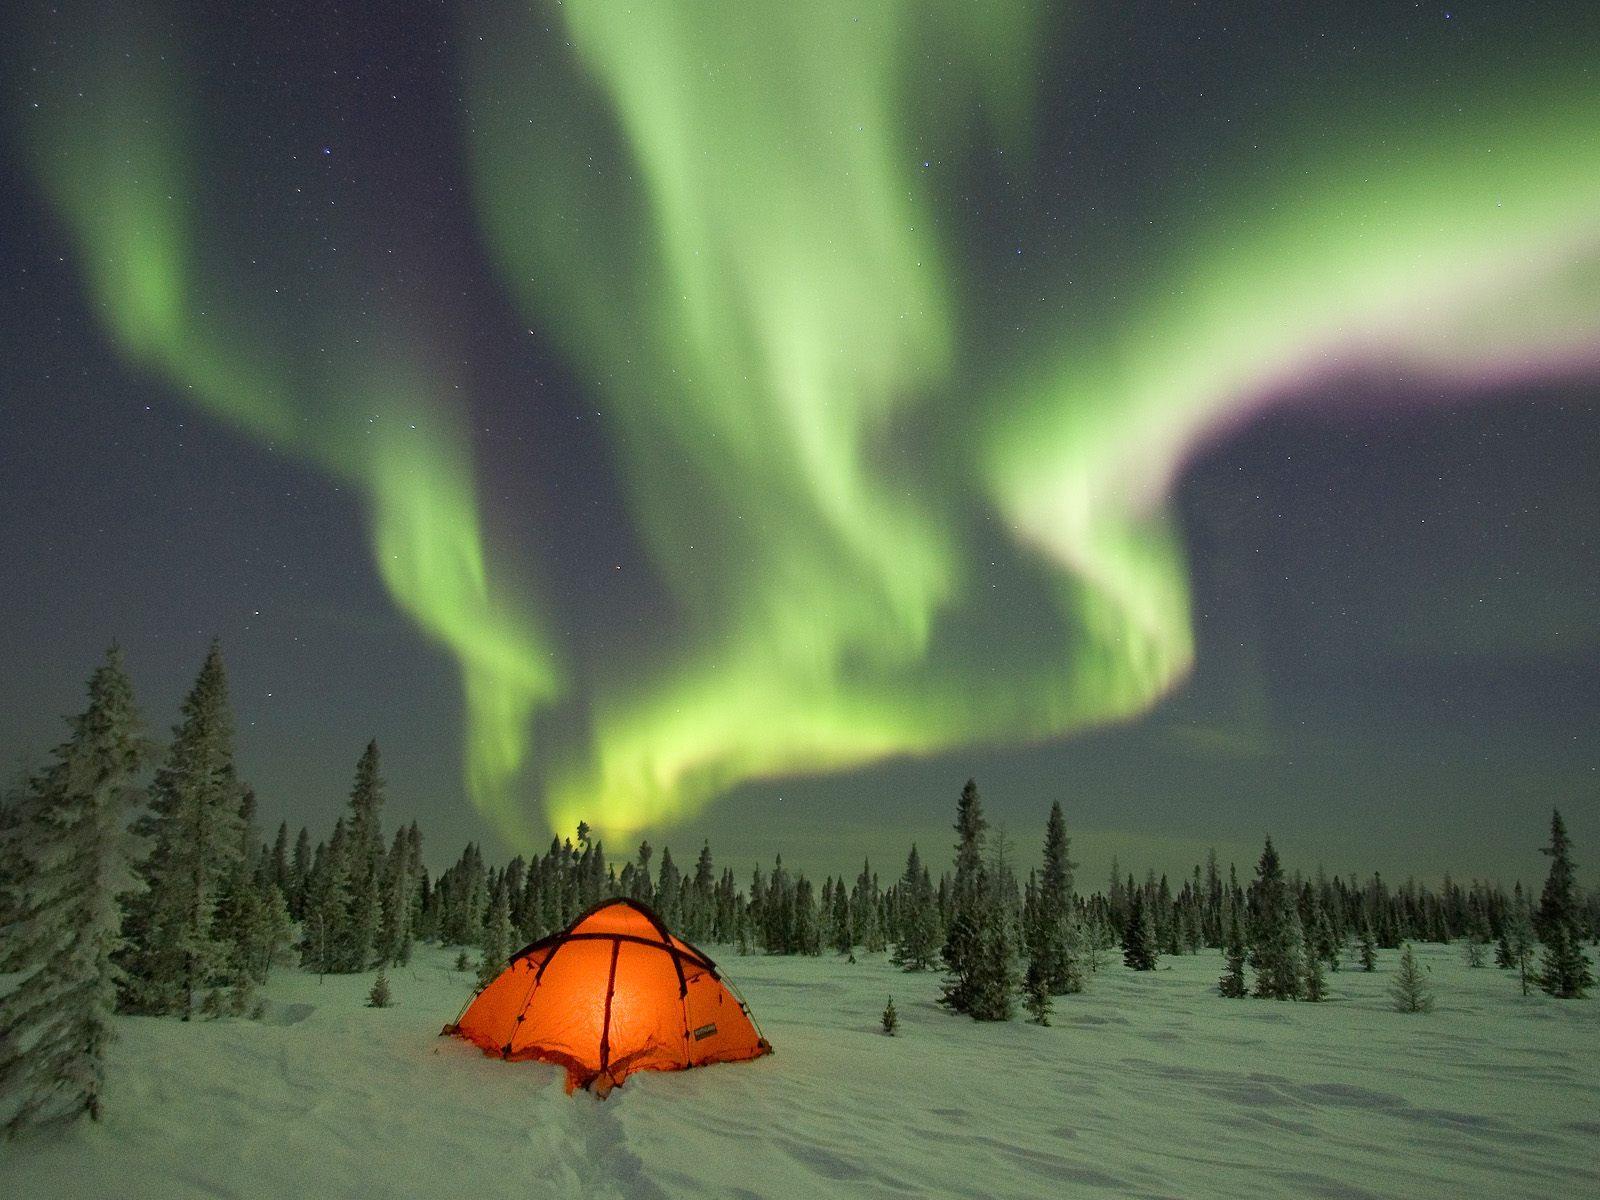 http://2.bp.blogspot.com/_oVSnjqERMLA/TOf-y8v94cI/AAAAAAAAAA8/Lj2ZrBKzqKw/s1600/aurora-borealis.jpg